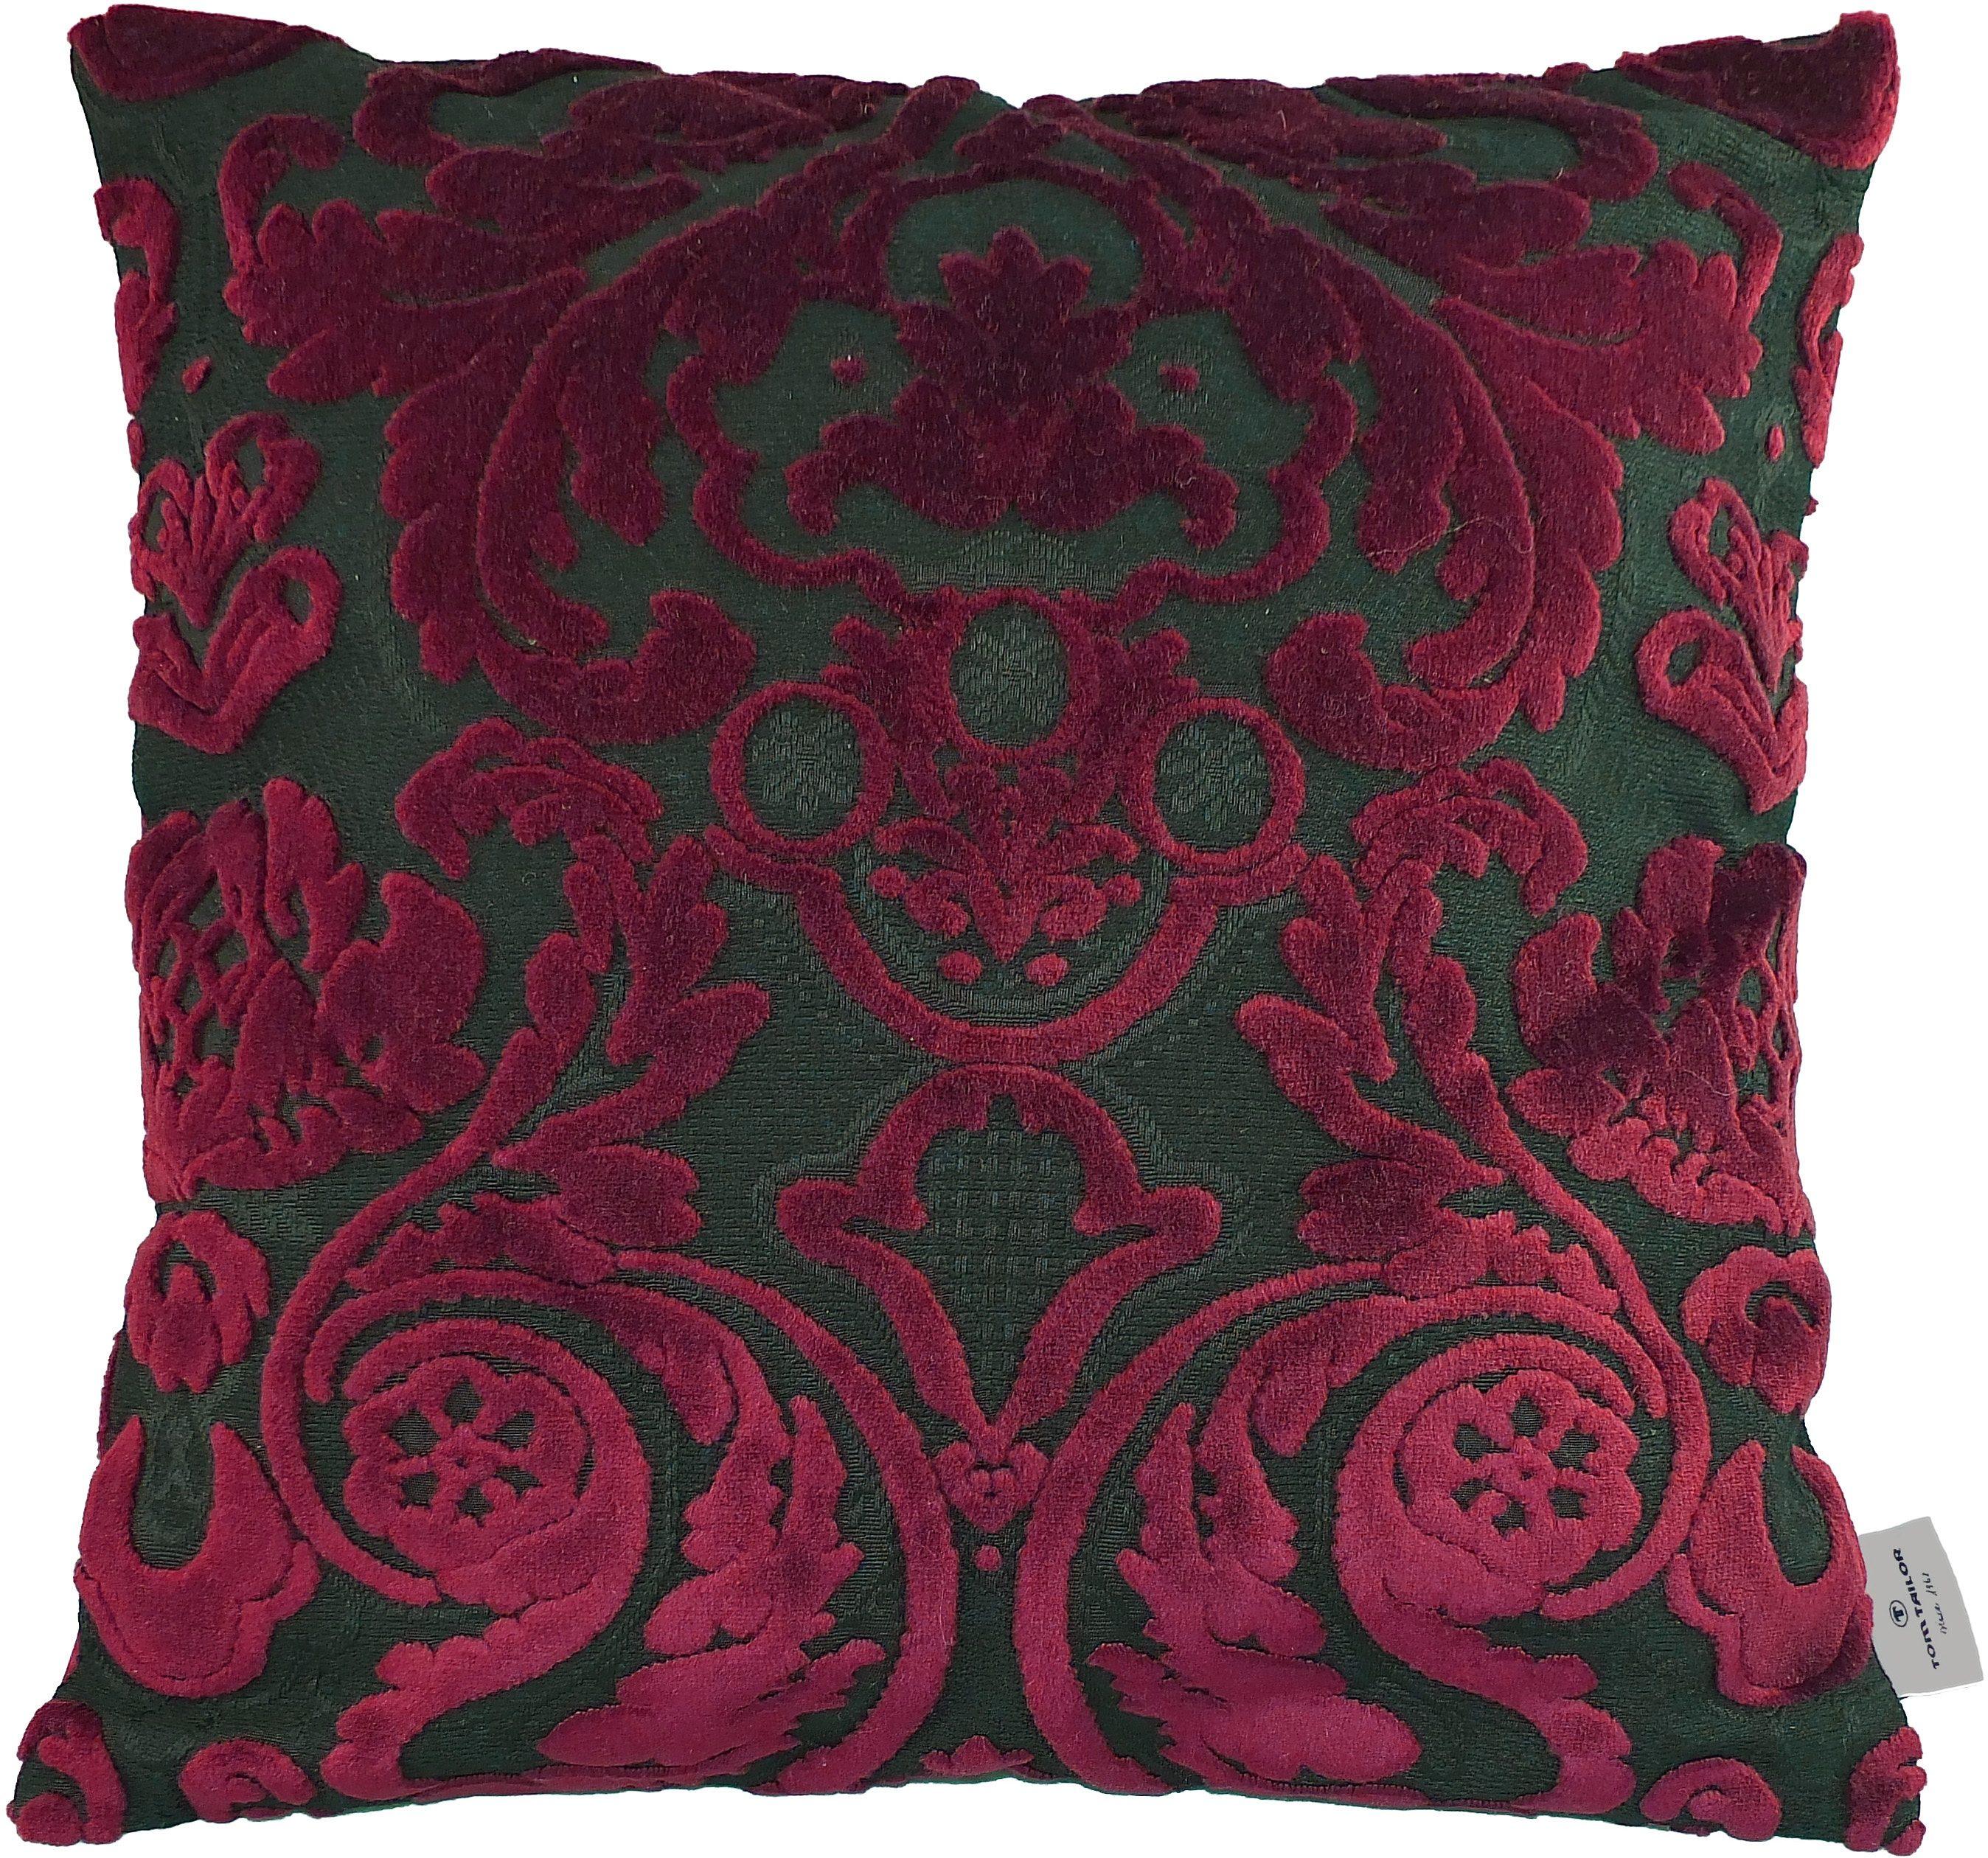 Kissenhüllen, Tom tailor, »Velvet Ornaments« (1 Stück)